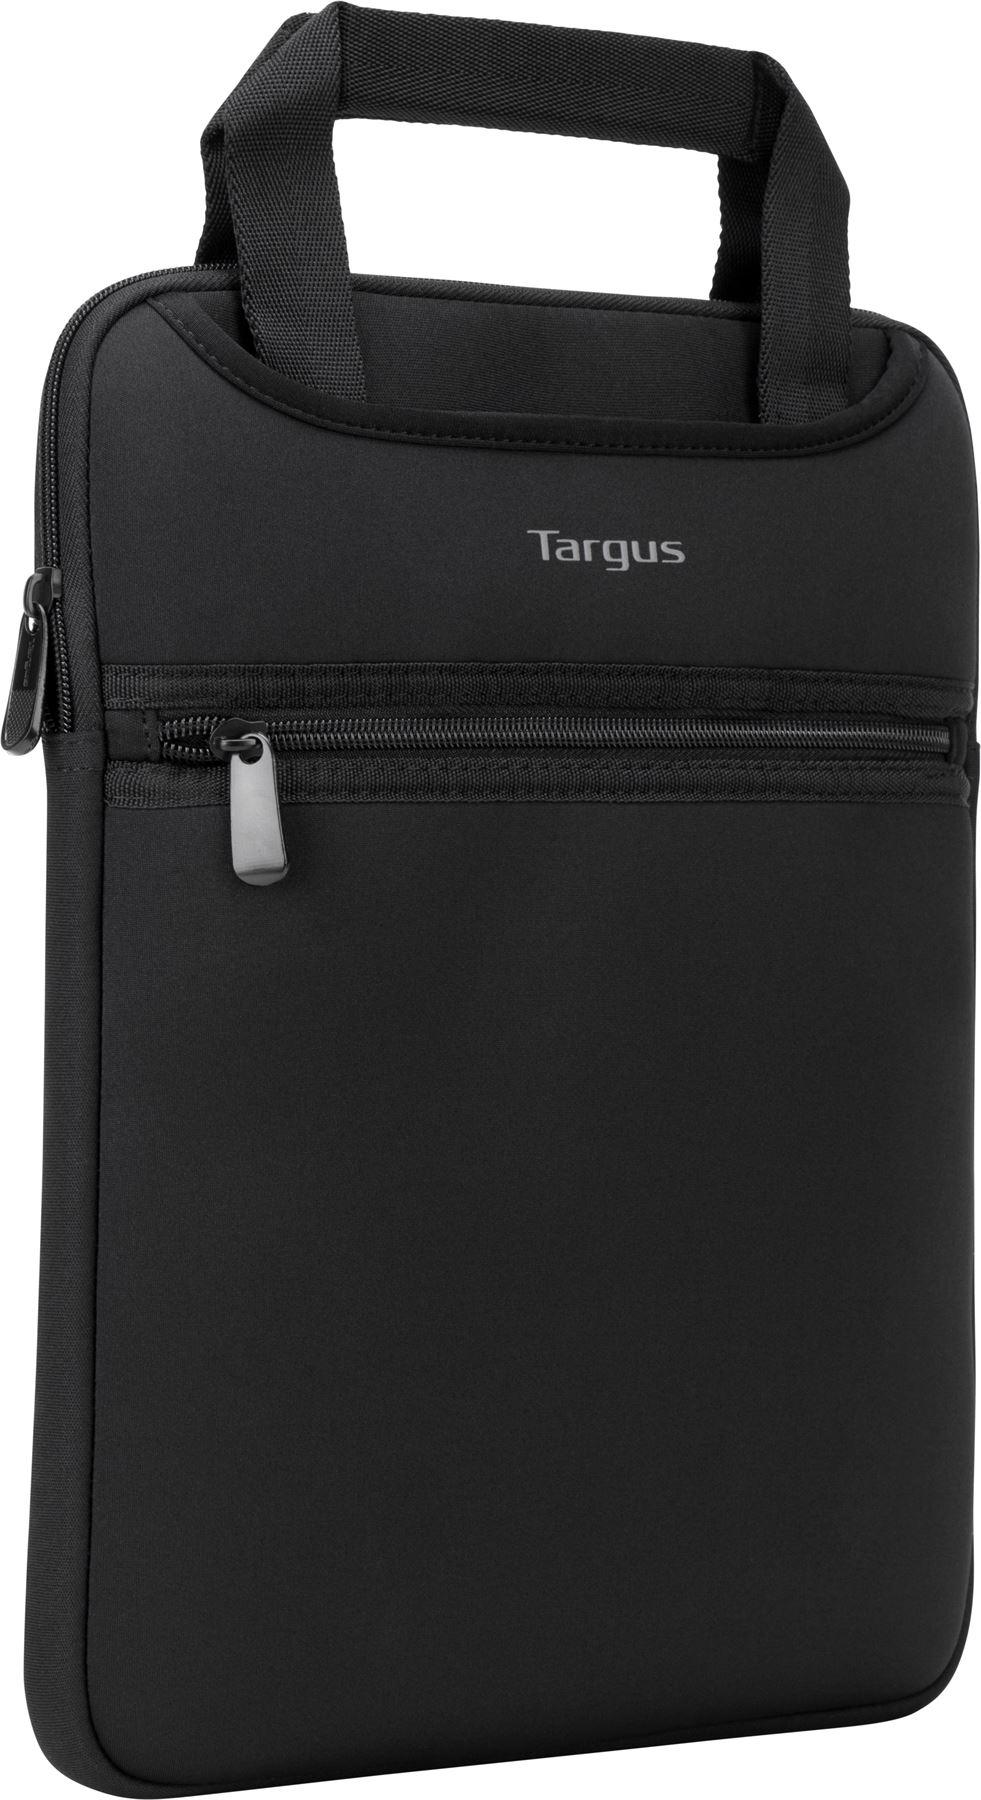 Targus TSS851